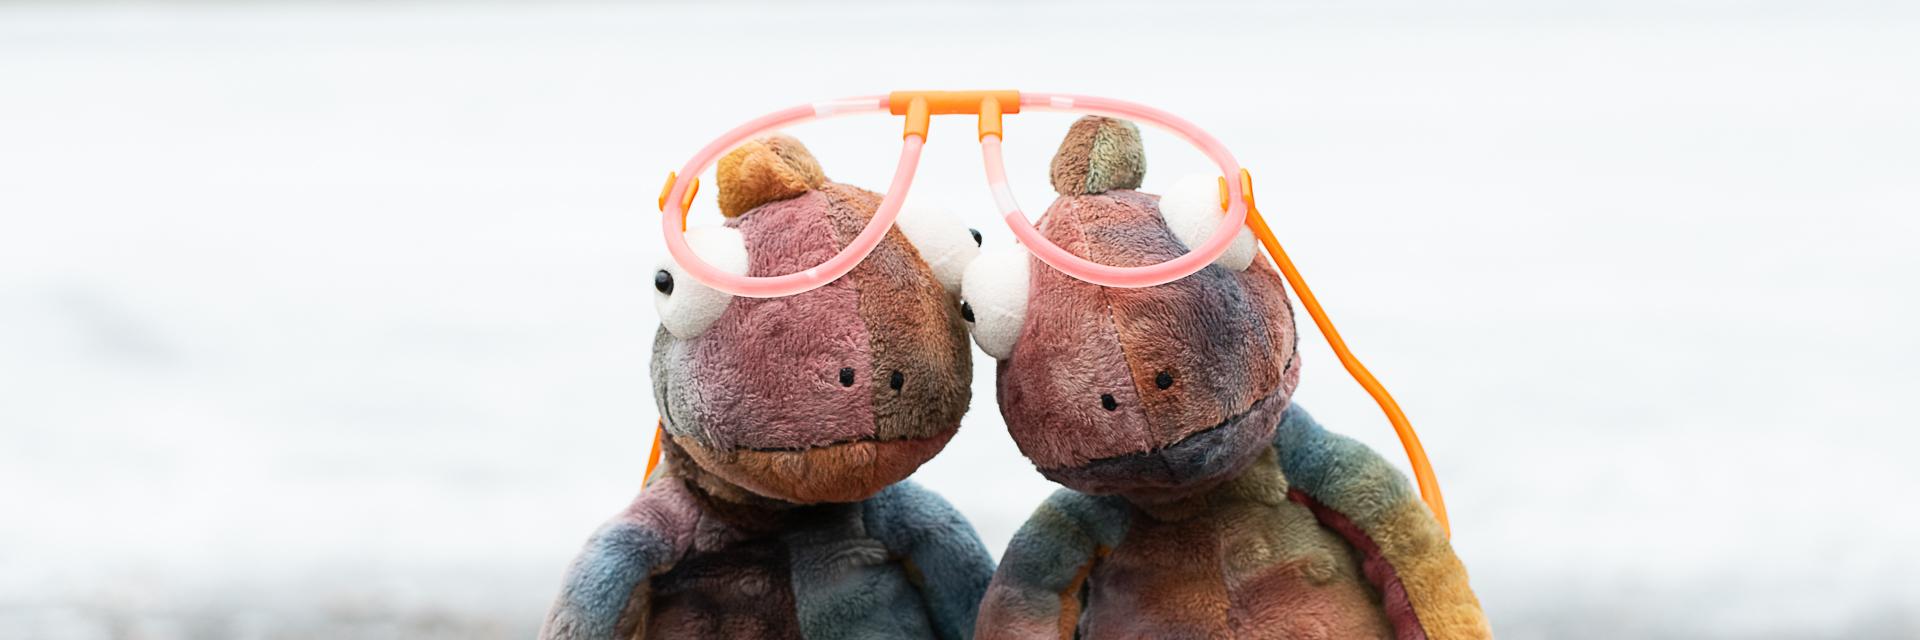 Kaksi kameleonttia isojen silmälasien kanssa